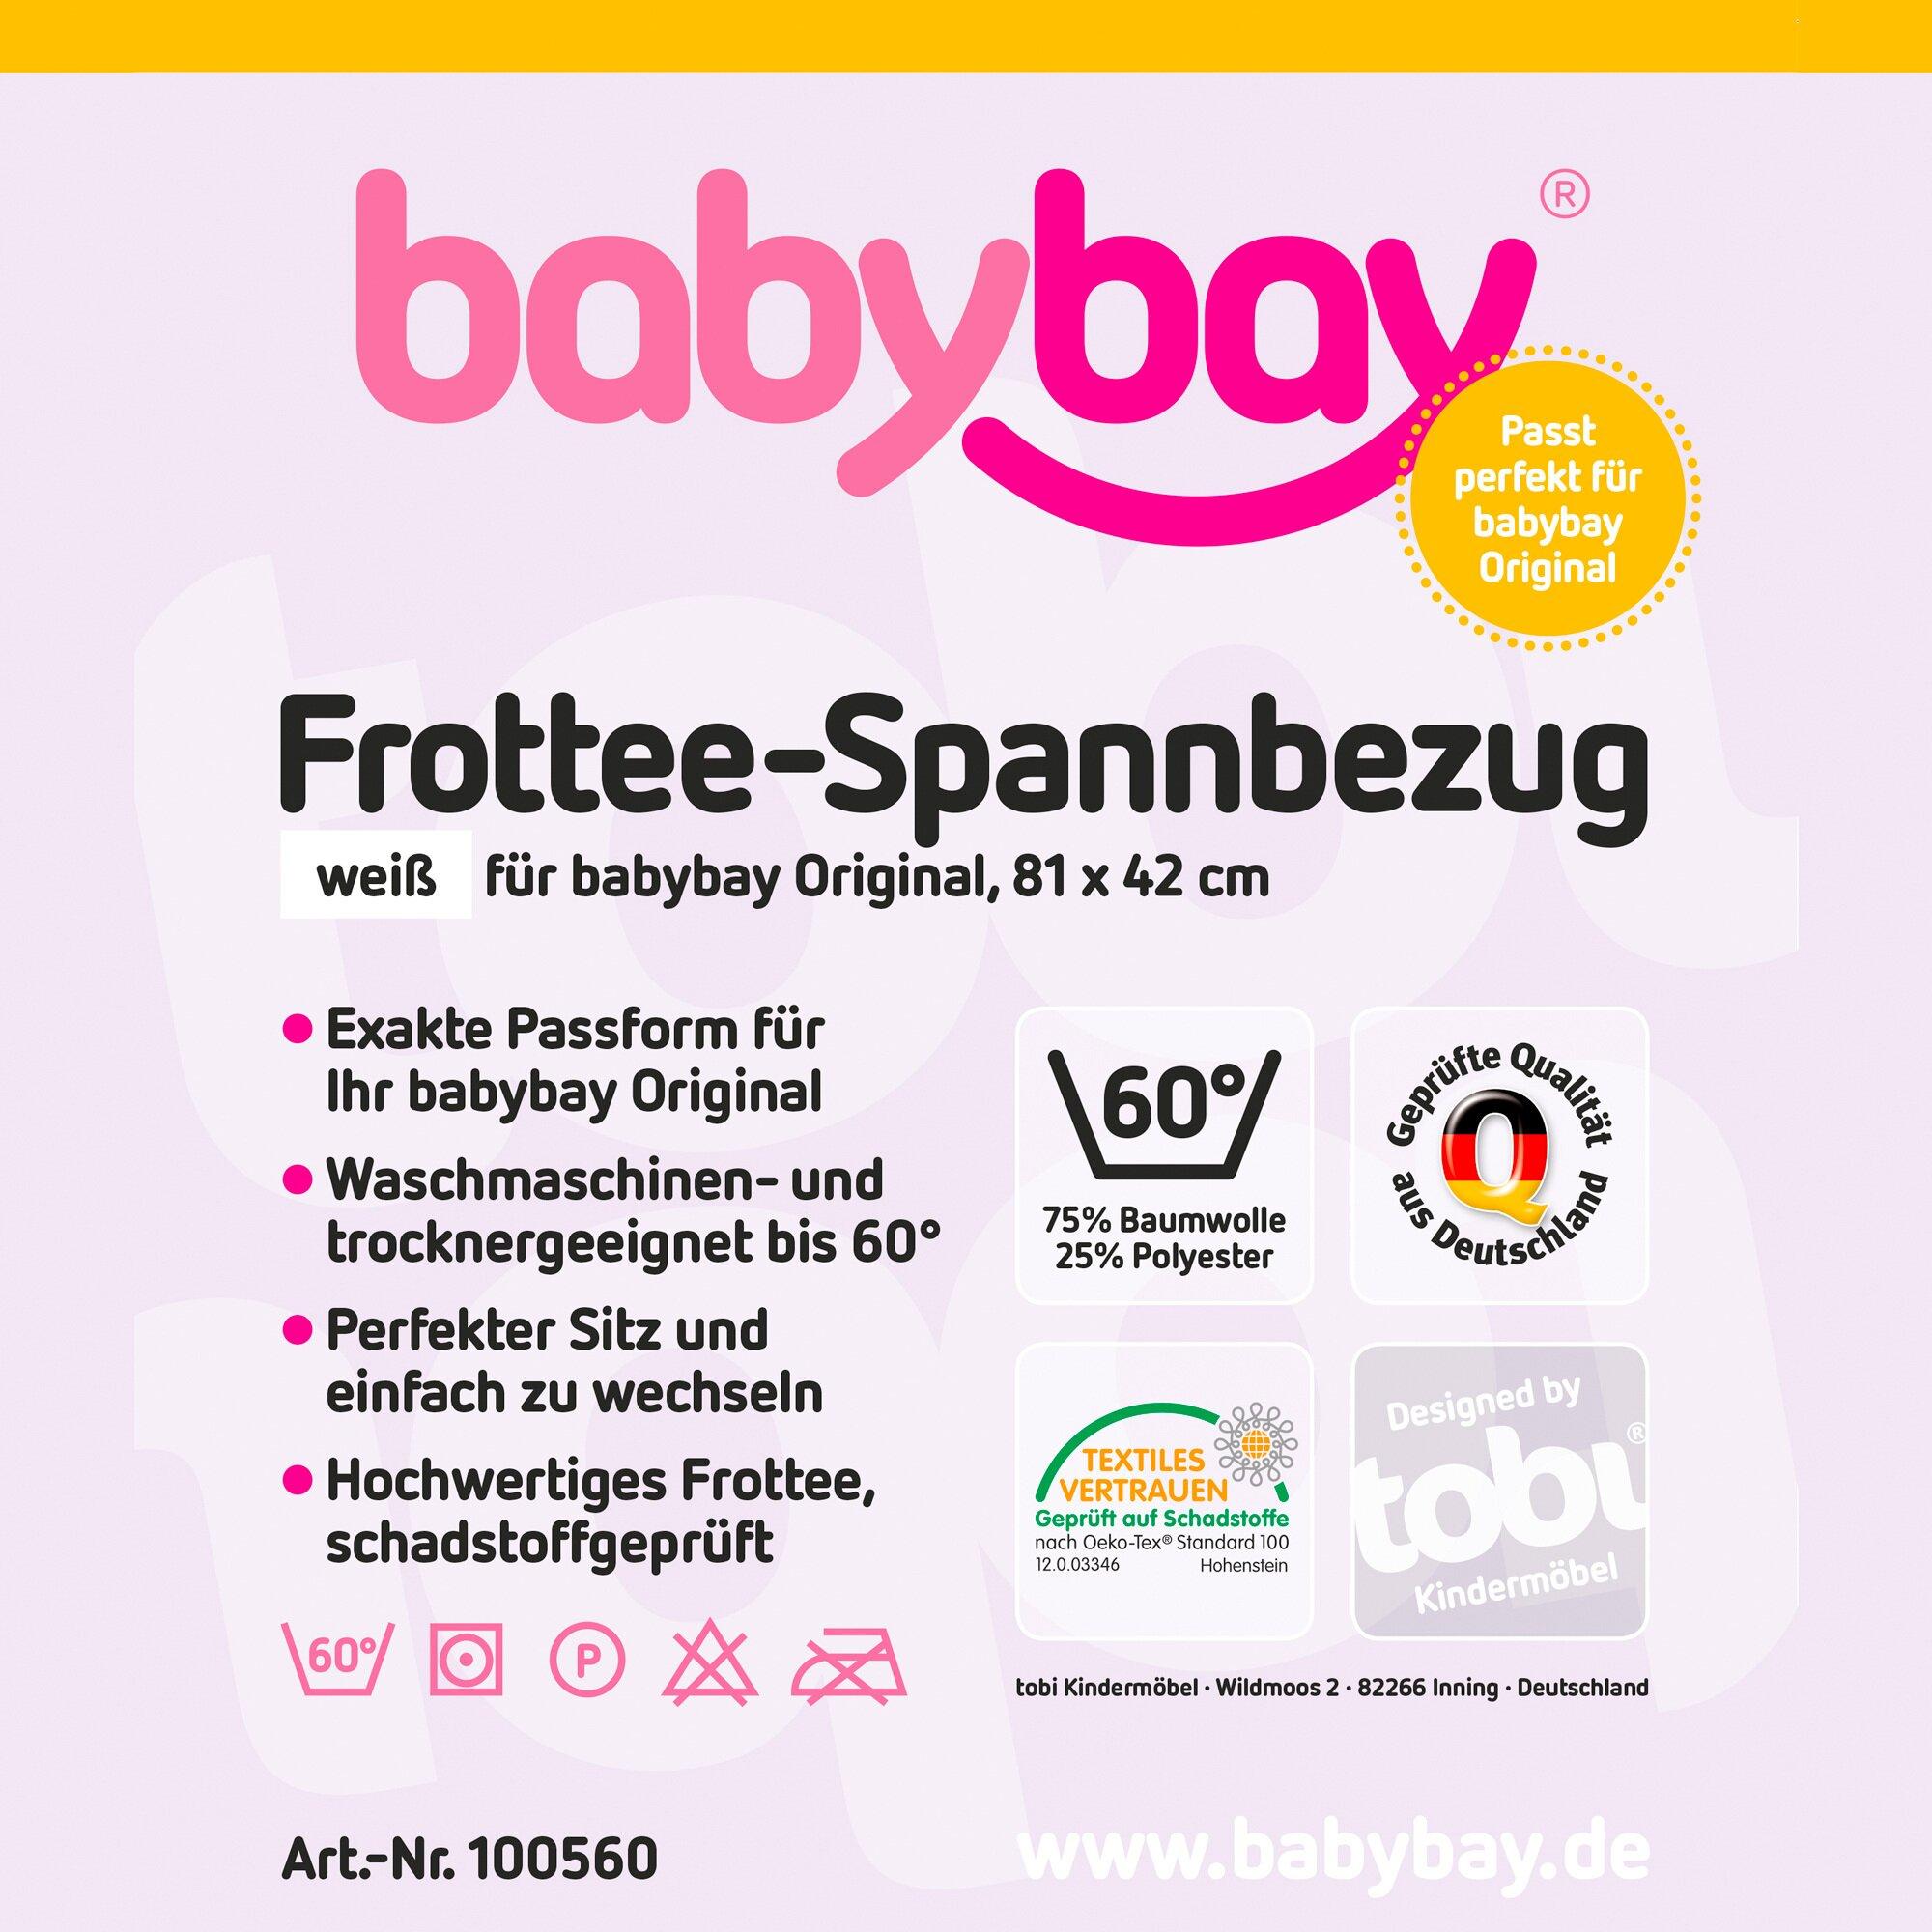 Babybay® Frottee-Spannbetttuch Original 81x43 cm